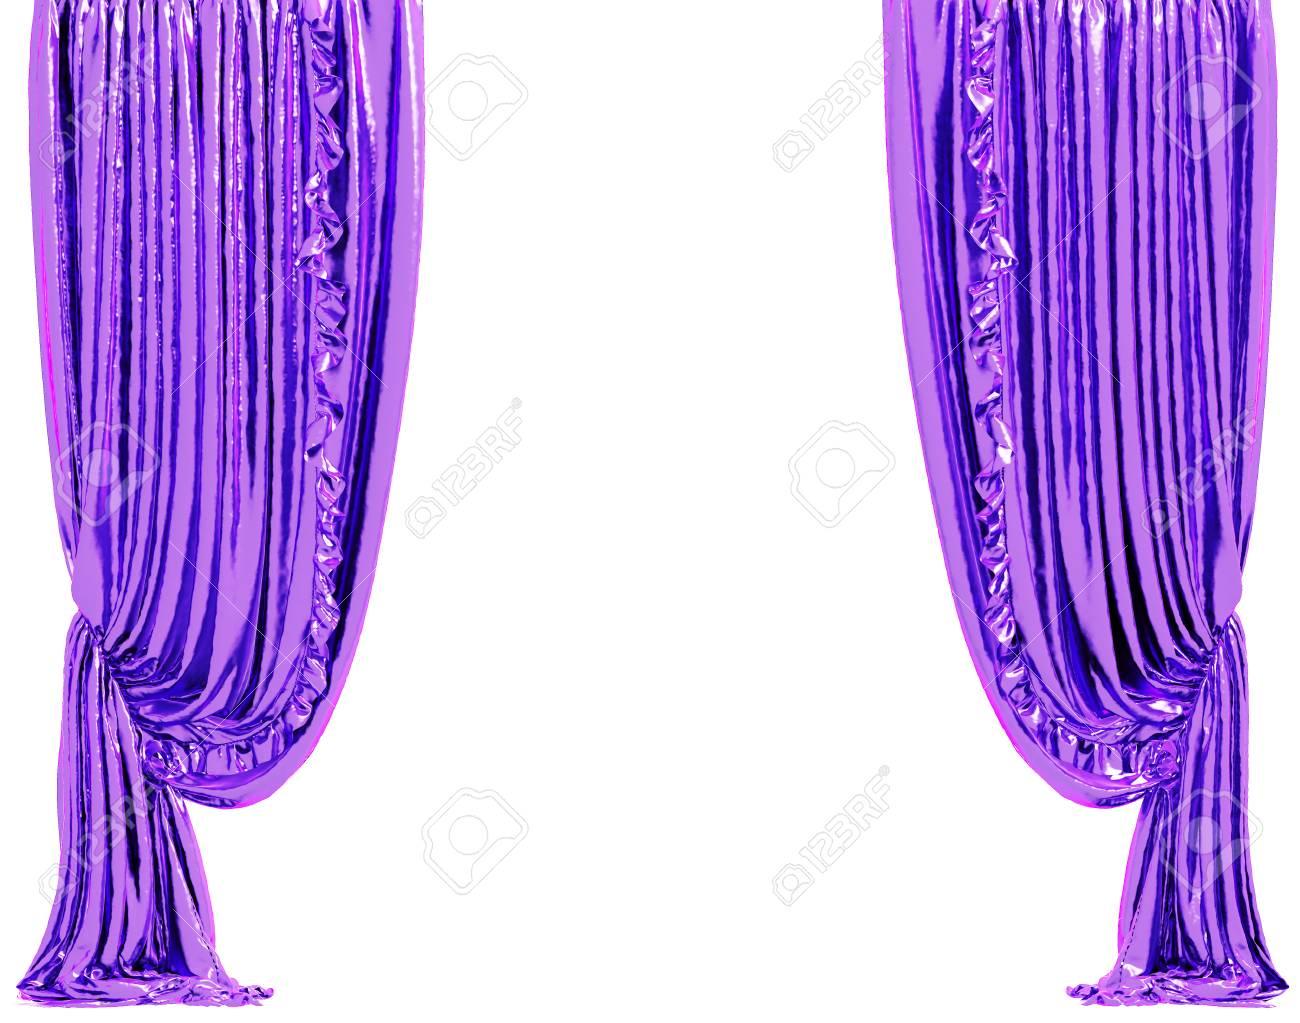 Briller Le Rideau Violet. Isolé Sur Fond Blanc Inclure Un Tracé De ...